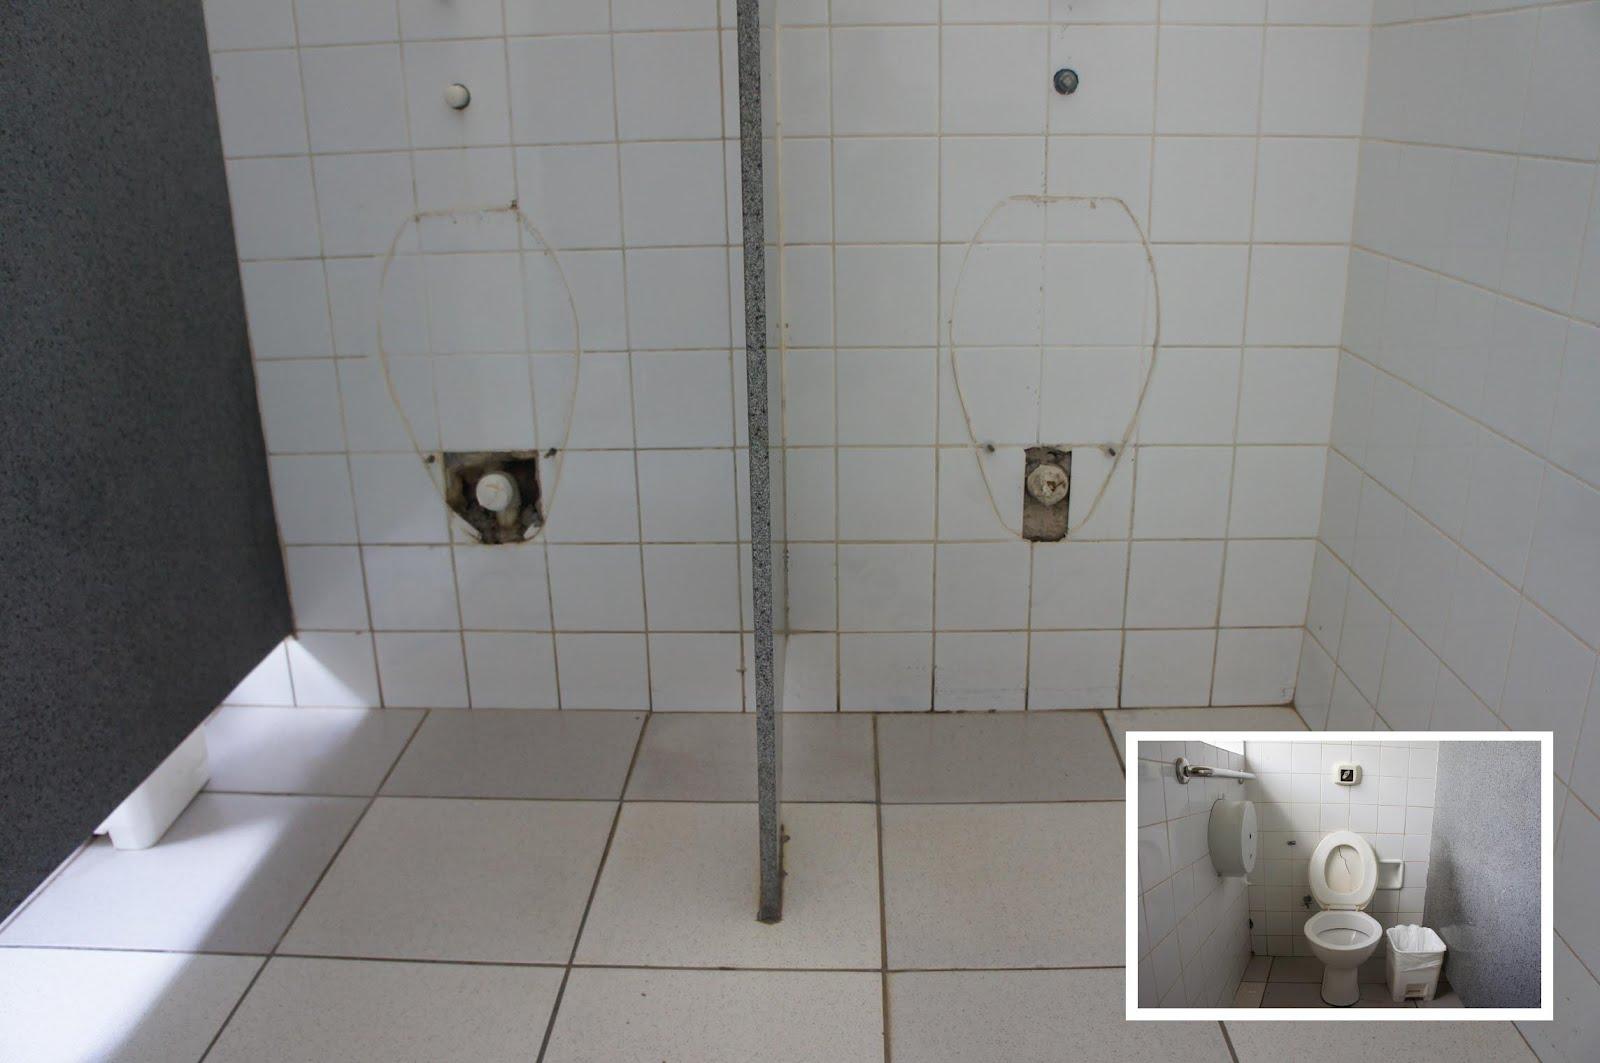 Imagens do Dia: Banheiro: Abandono na UPA do São Benedito #565975 1600 1063